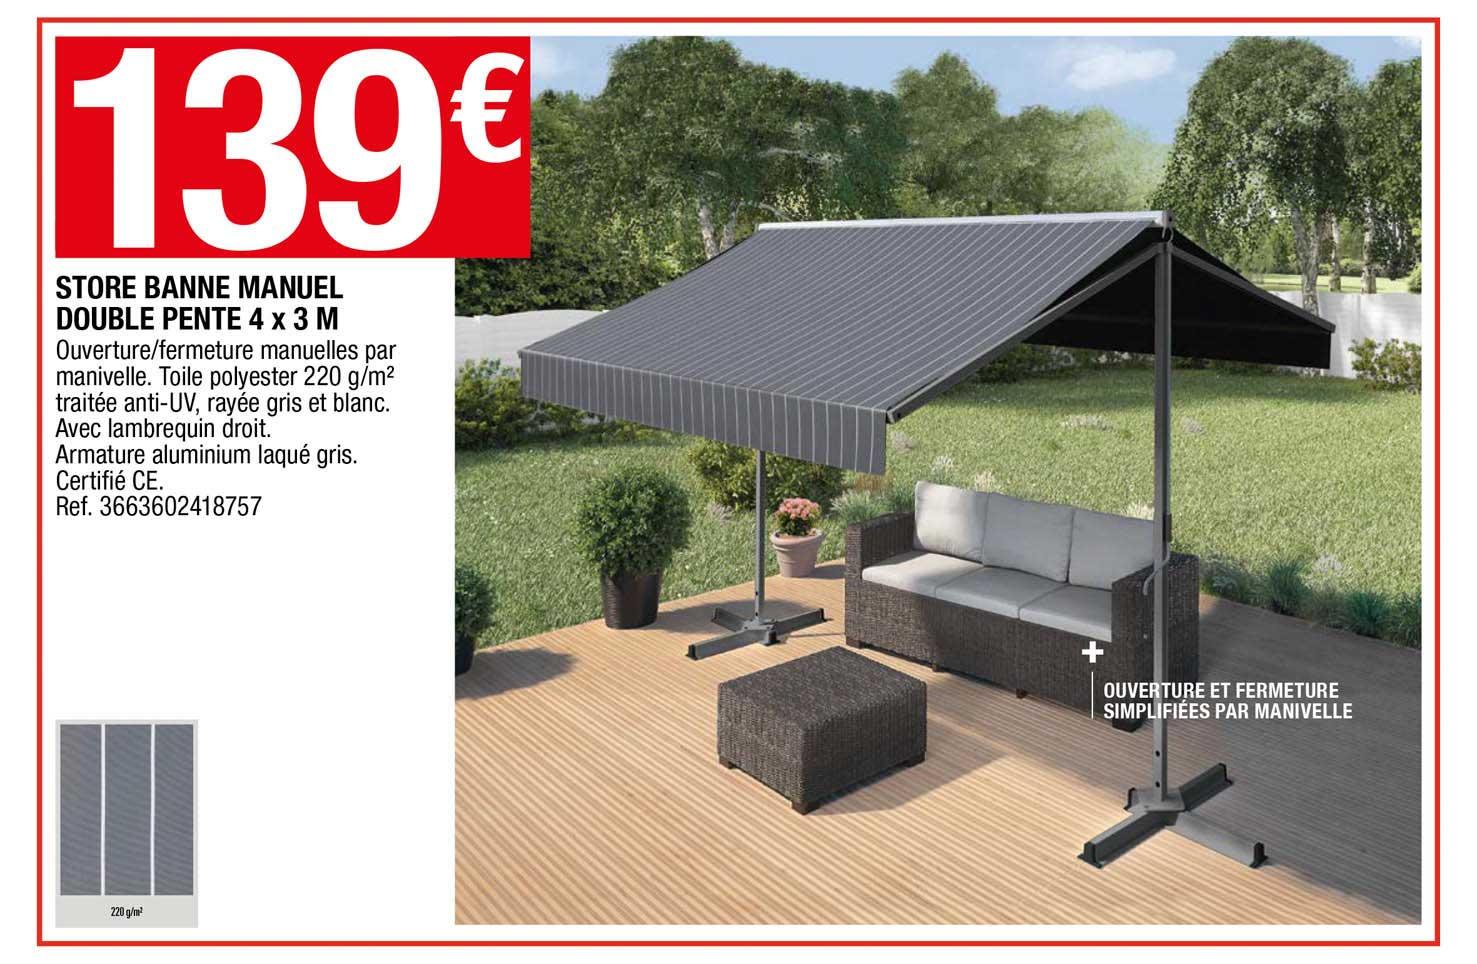 Offre Store Banne Manuel Double Pente 4 X 3 M Chez Brico Depot